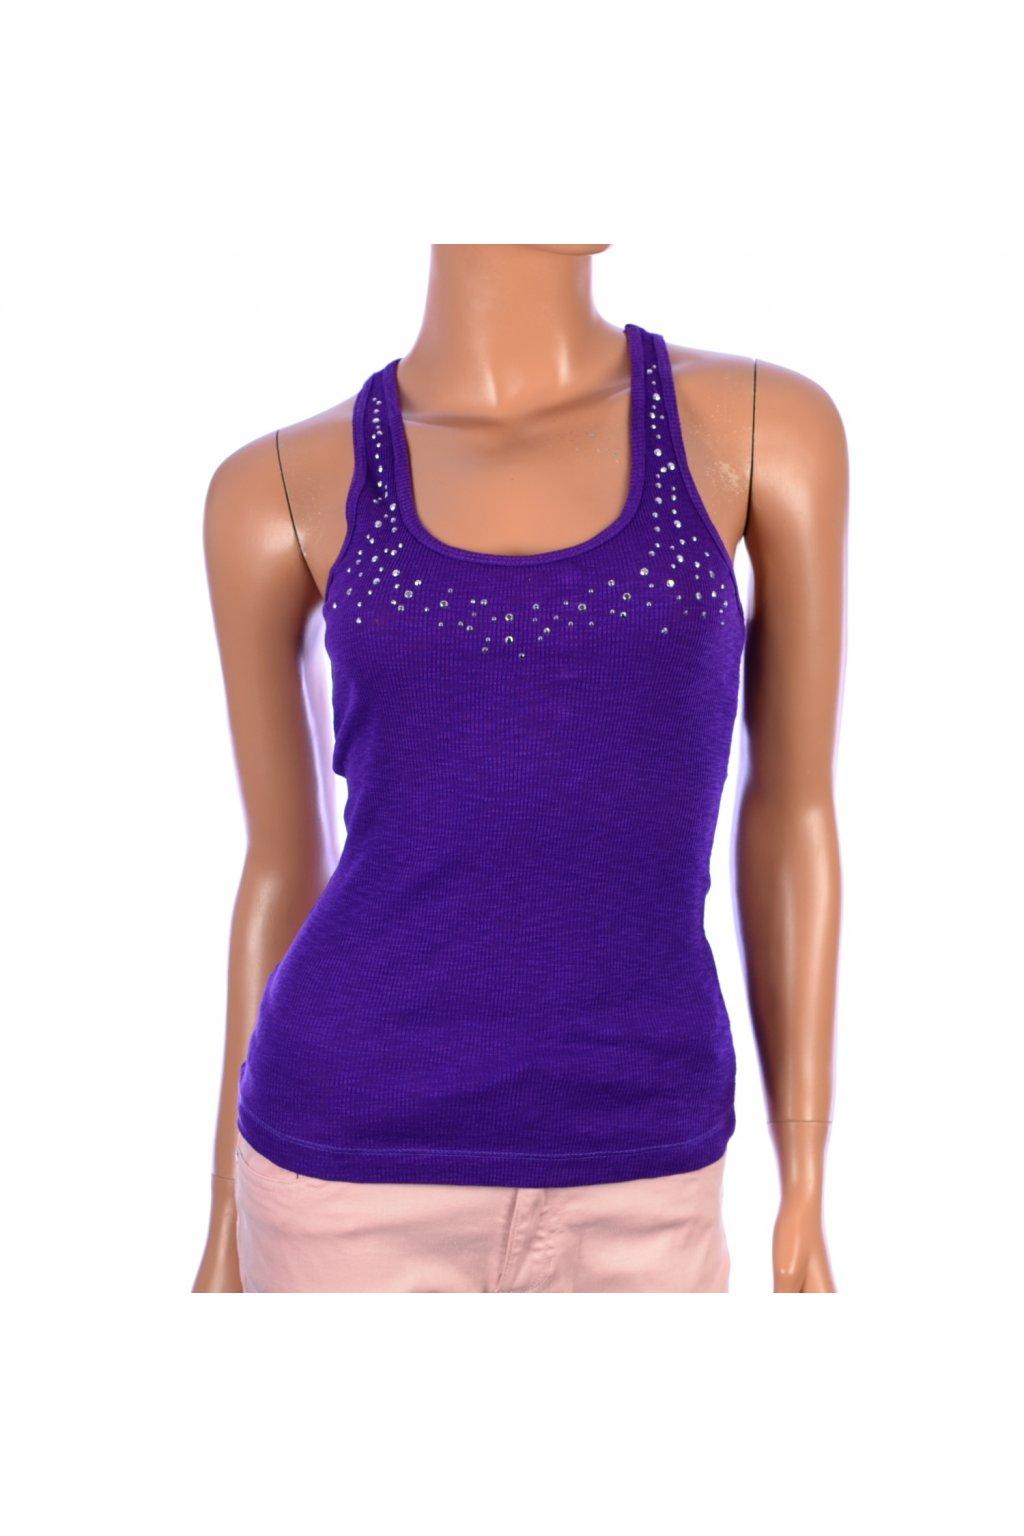 Tričko top TRF fialové s kamínky vel. M